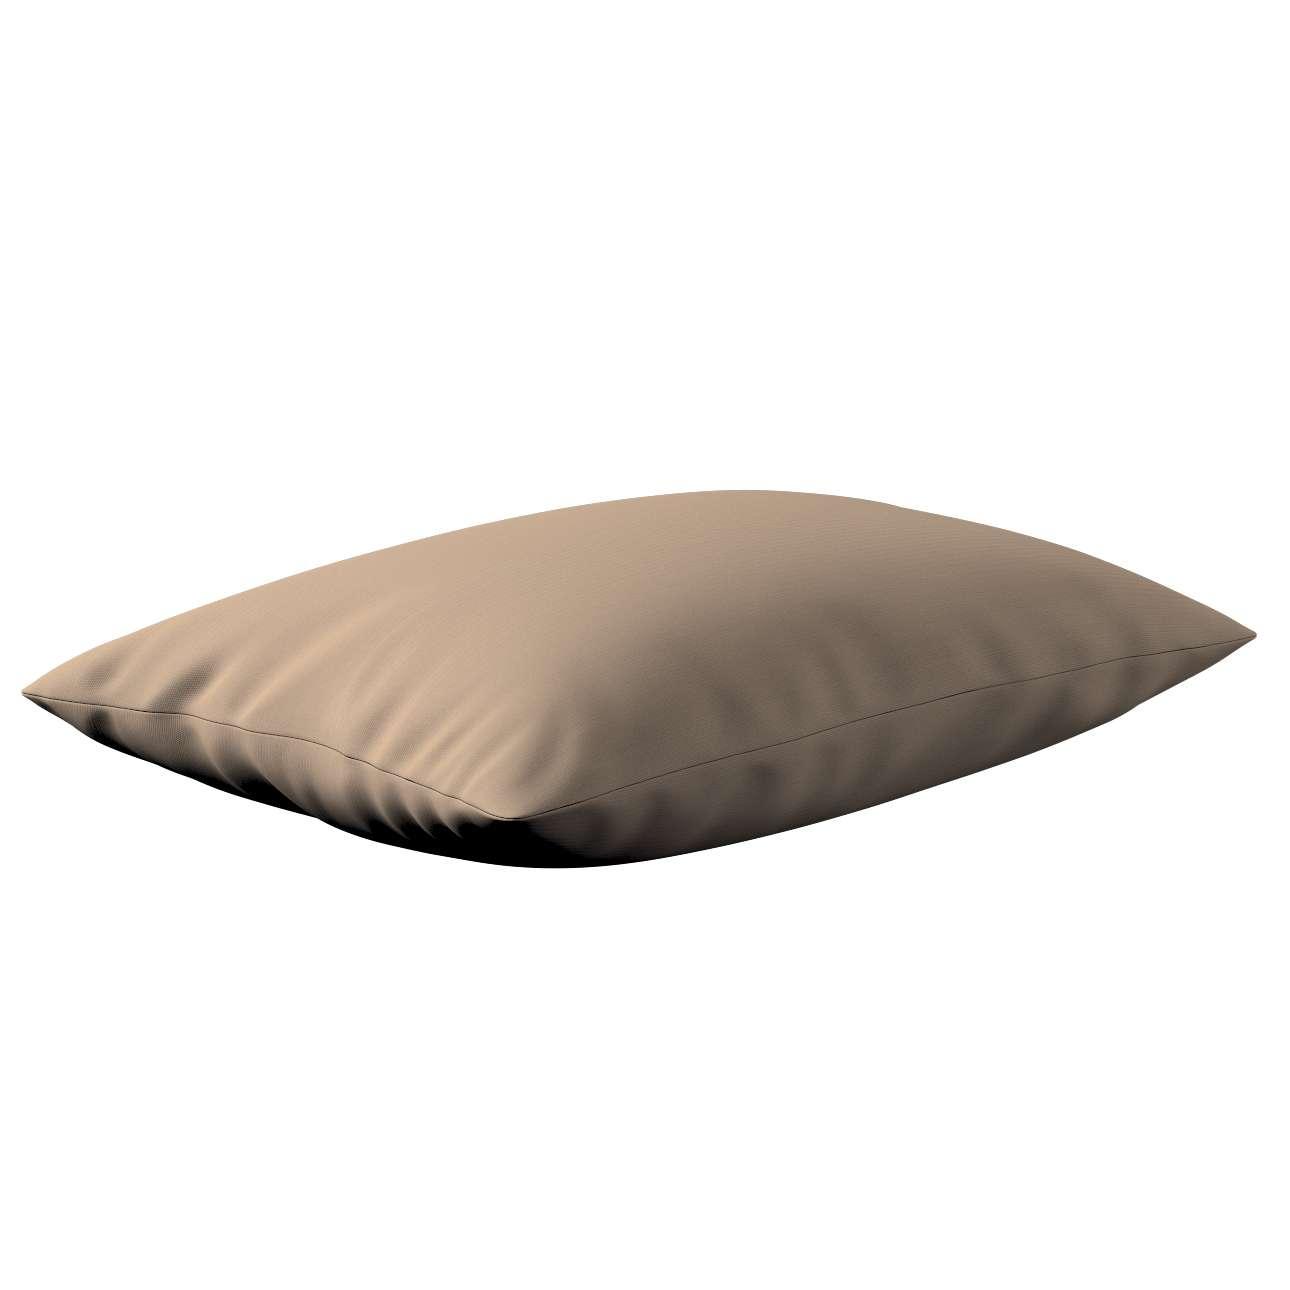 Kinga - potah na polštář jednoduchý obdélníkový v kolekci Cotton Panama, látka: 702-28